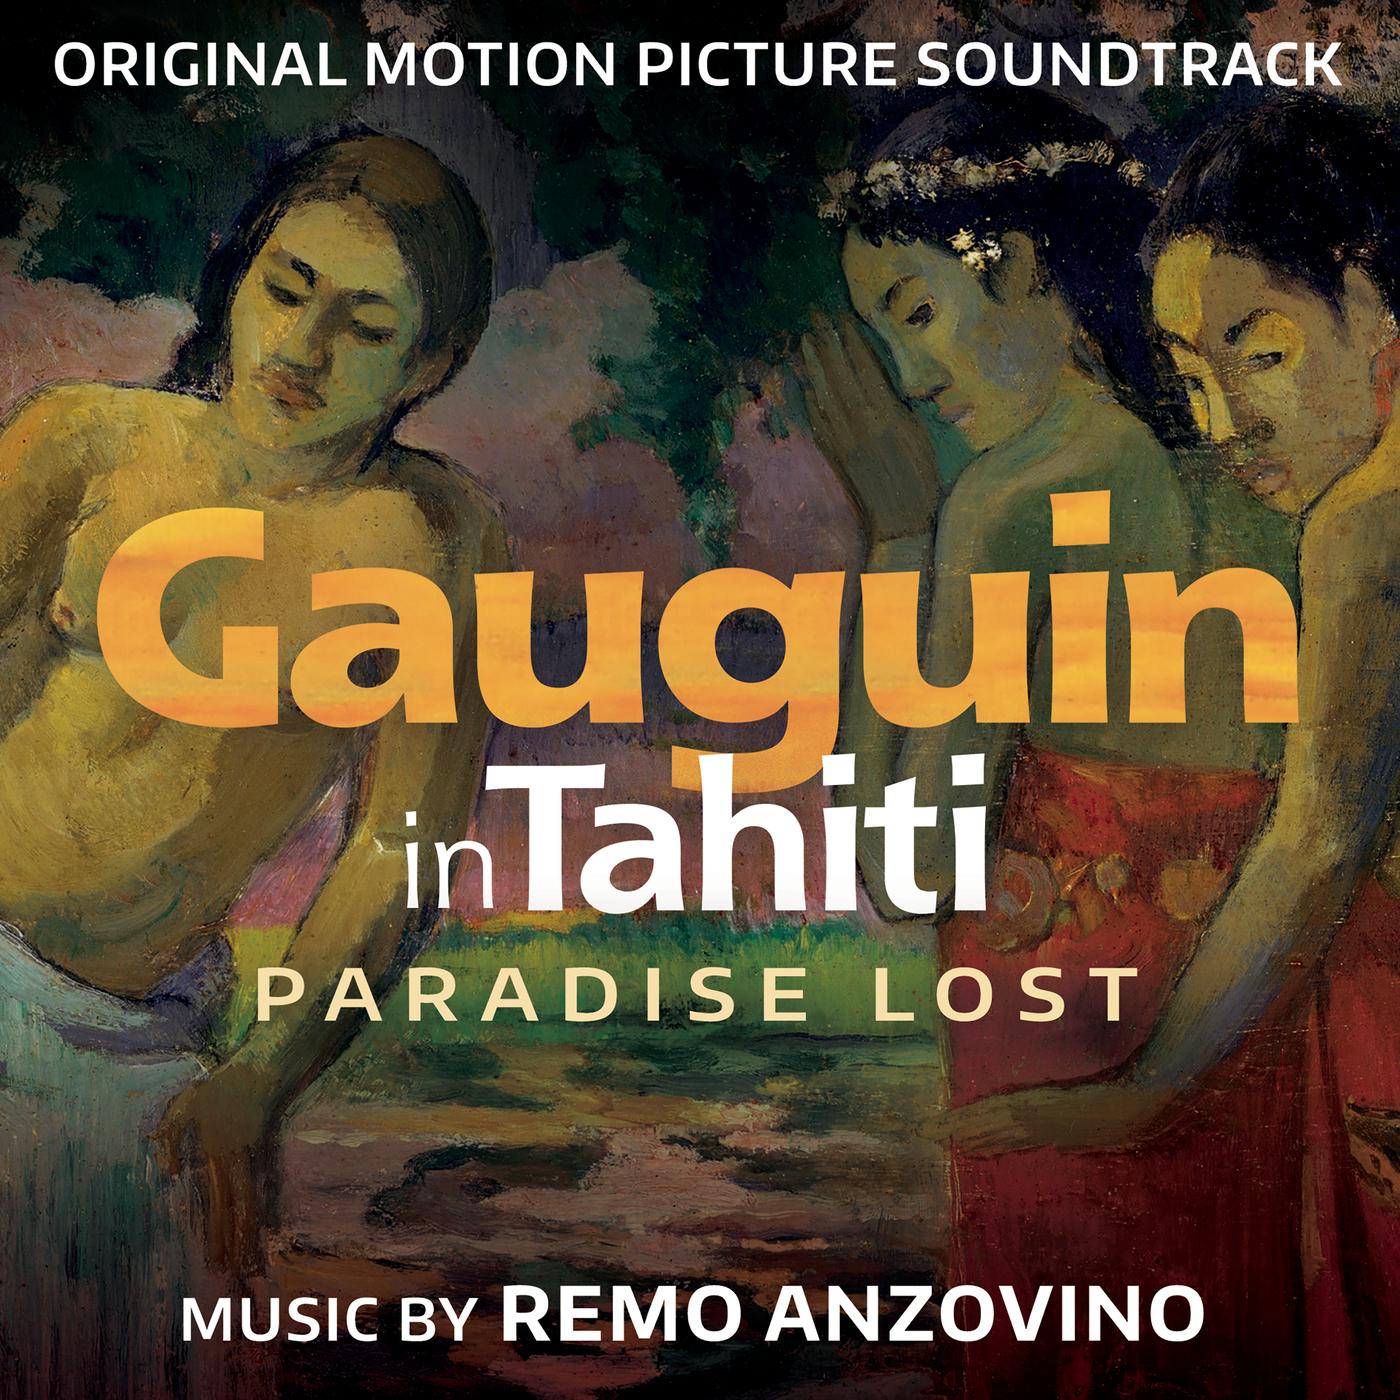 Gauguin in Tahiti - Paradise Lost (Original Motion Picture Soundtrack) - Remo Anzovino